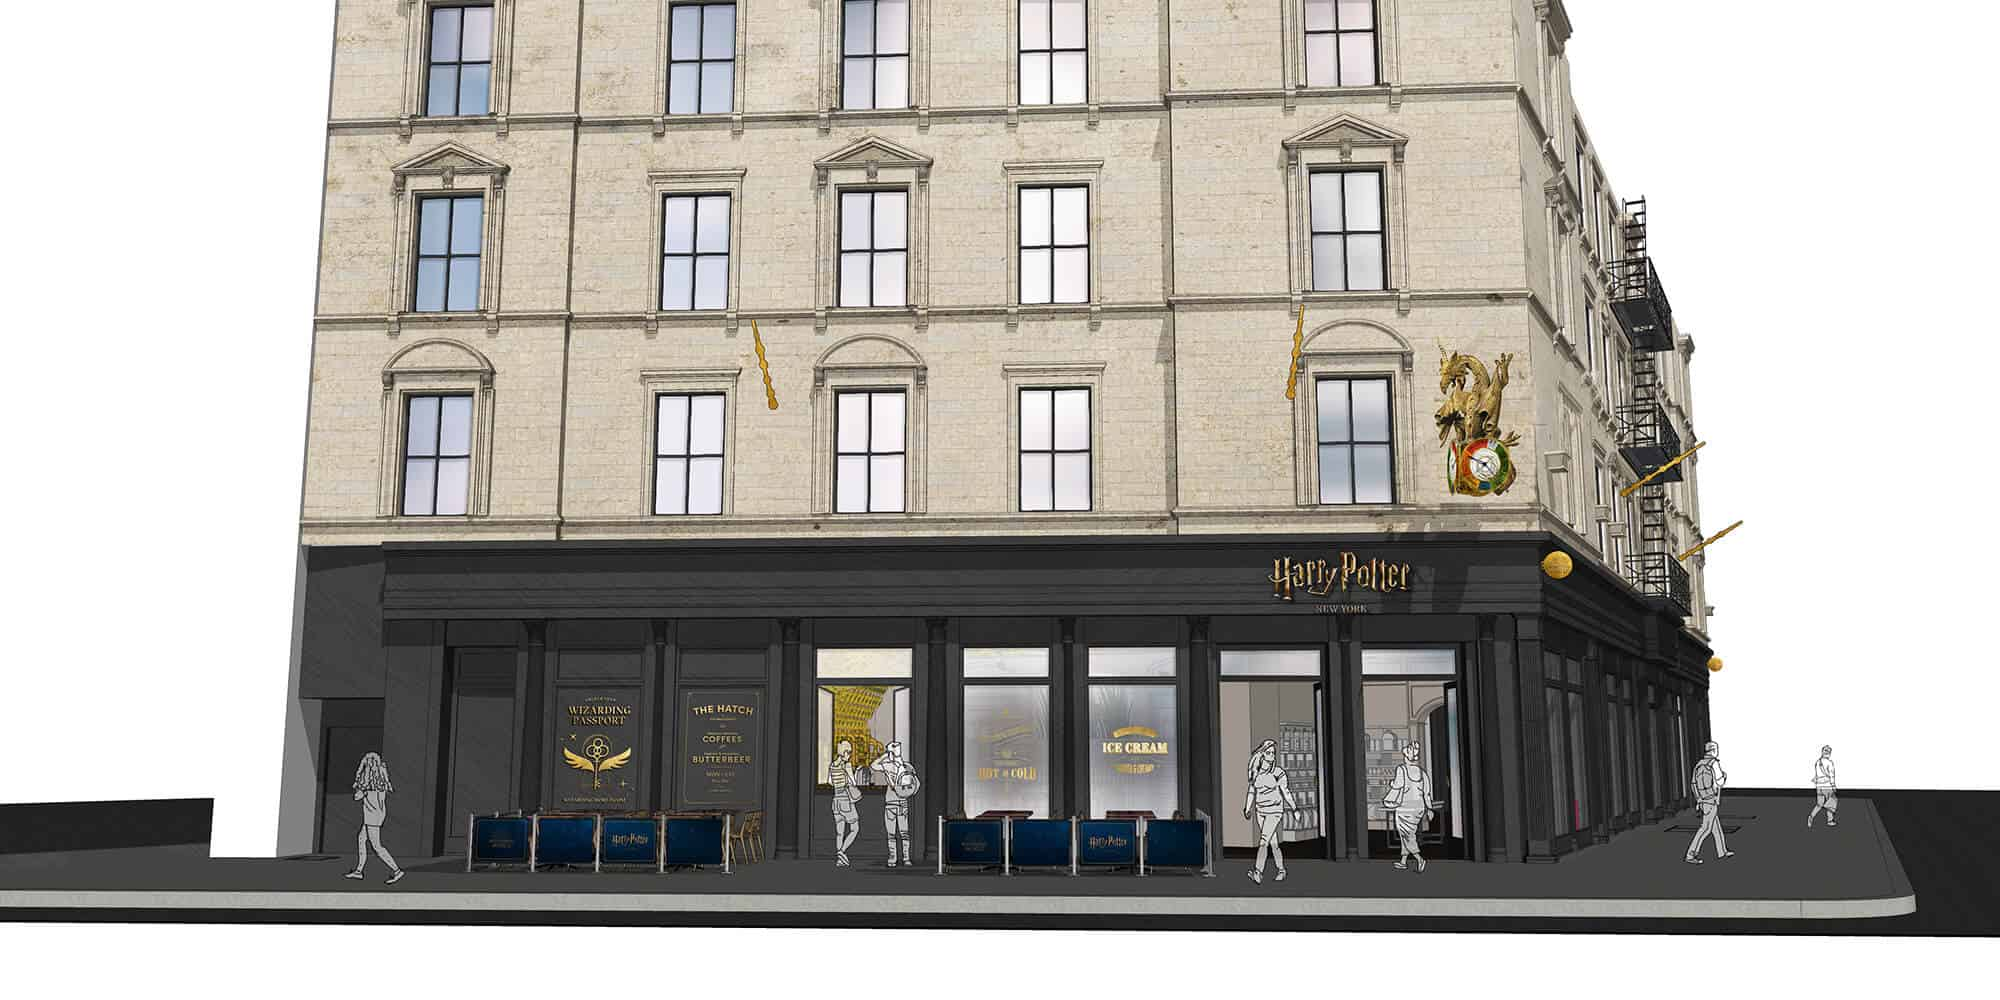 Com três andares, maior loja de Harry Potter será aberta em Nova York